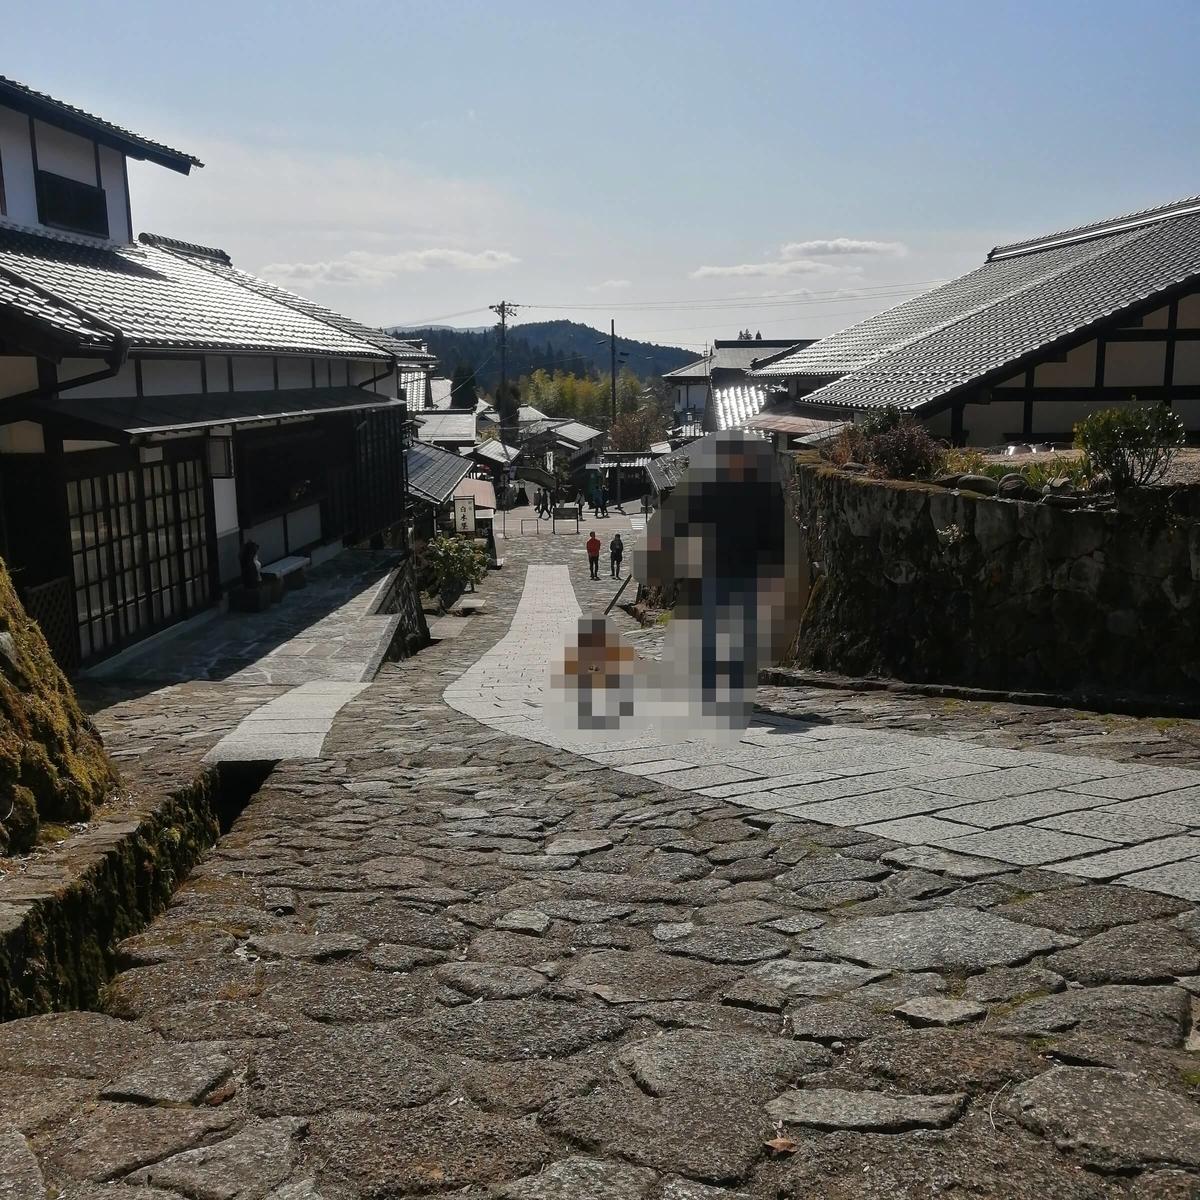 岐阜県内でペットと遊ぶ:岐阜県中津川市 馬籠宿 子どもと坂道を歩く